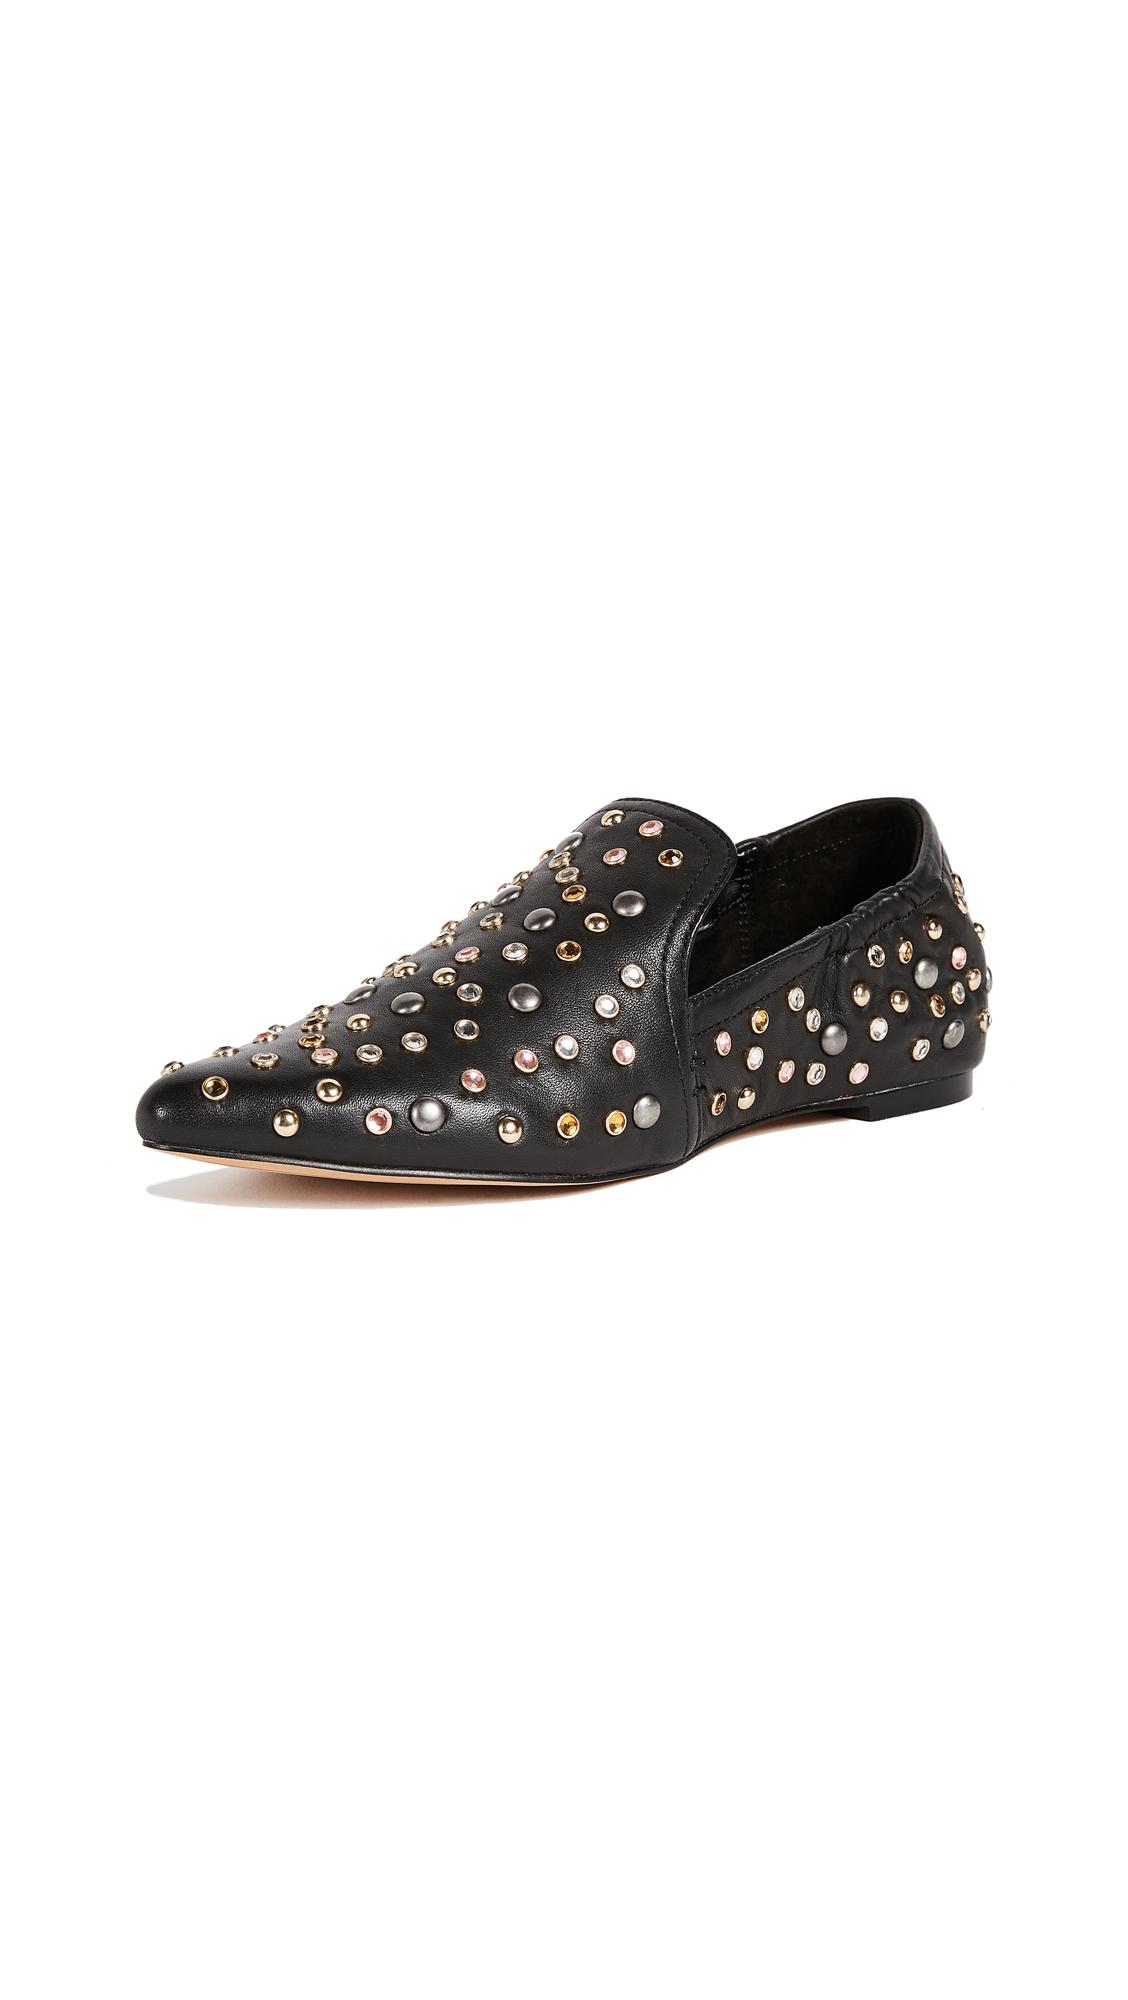 Dolce Vita Hamond Studded Loafers - Black